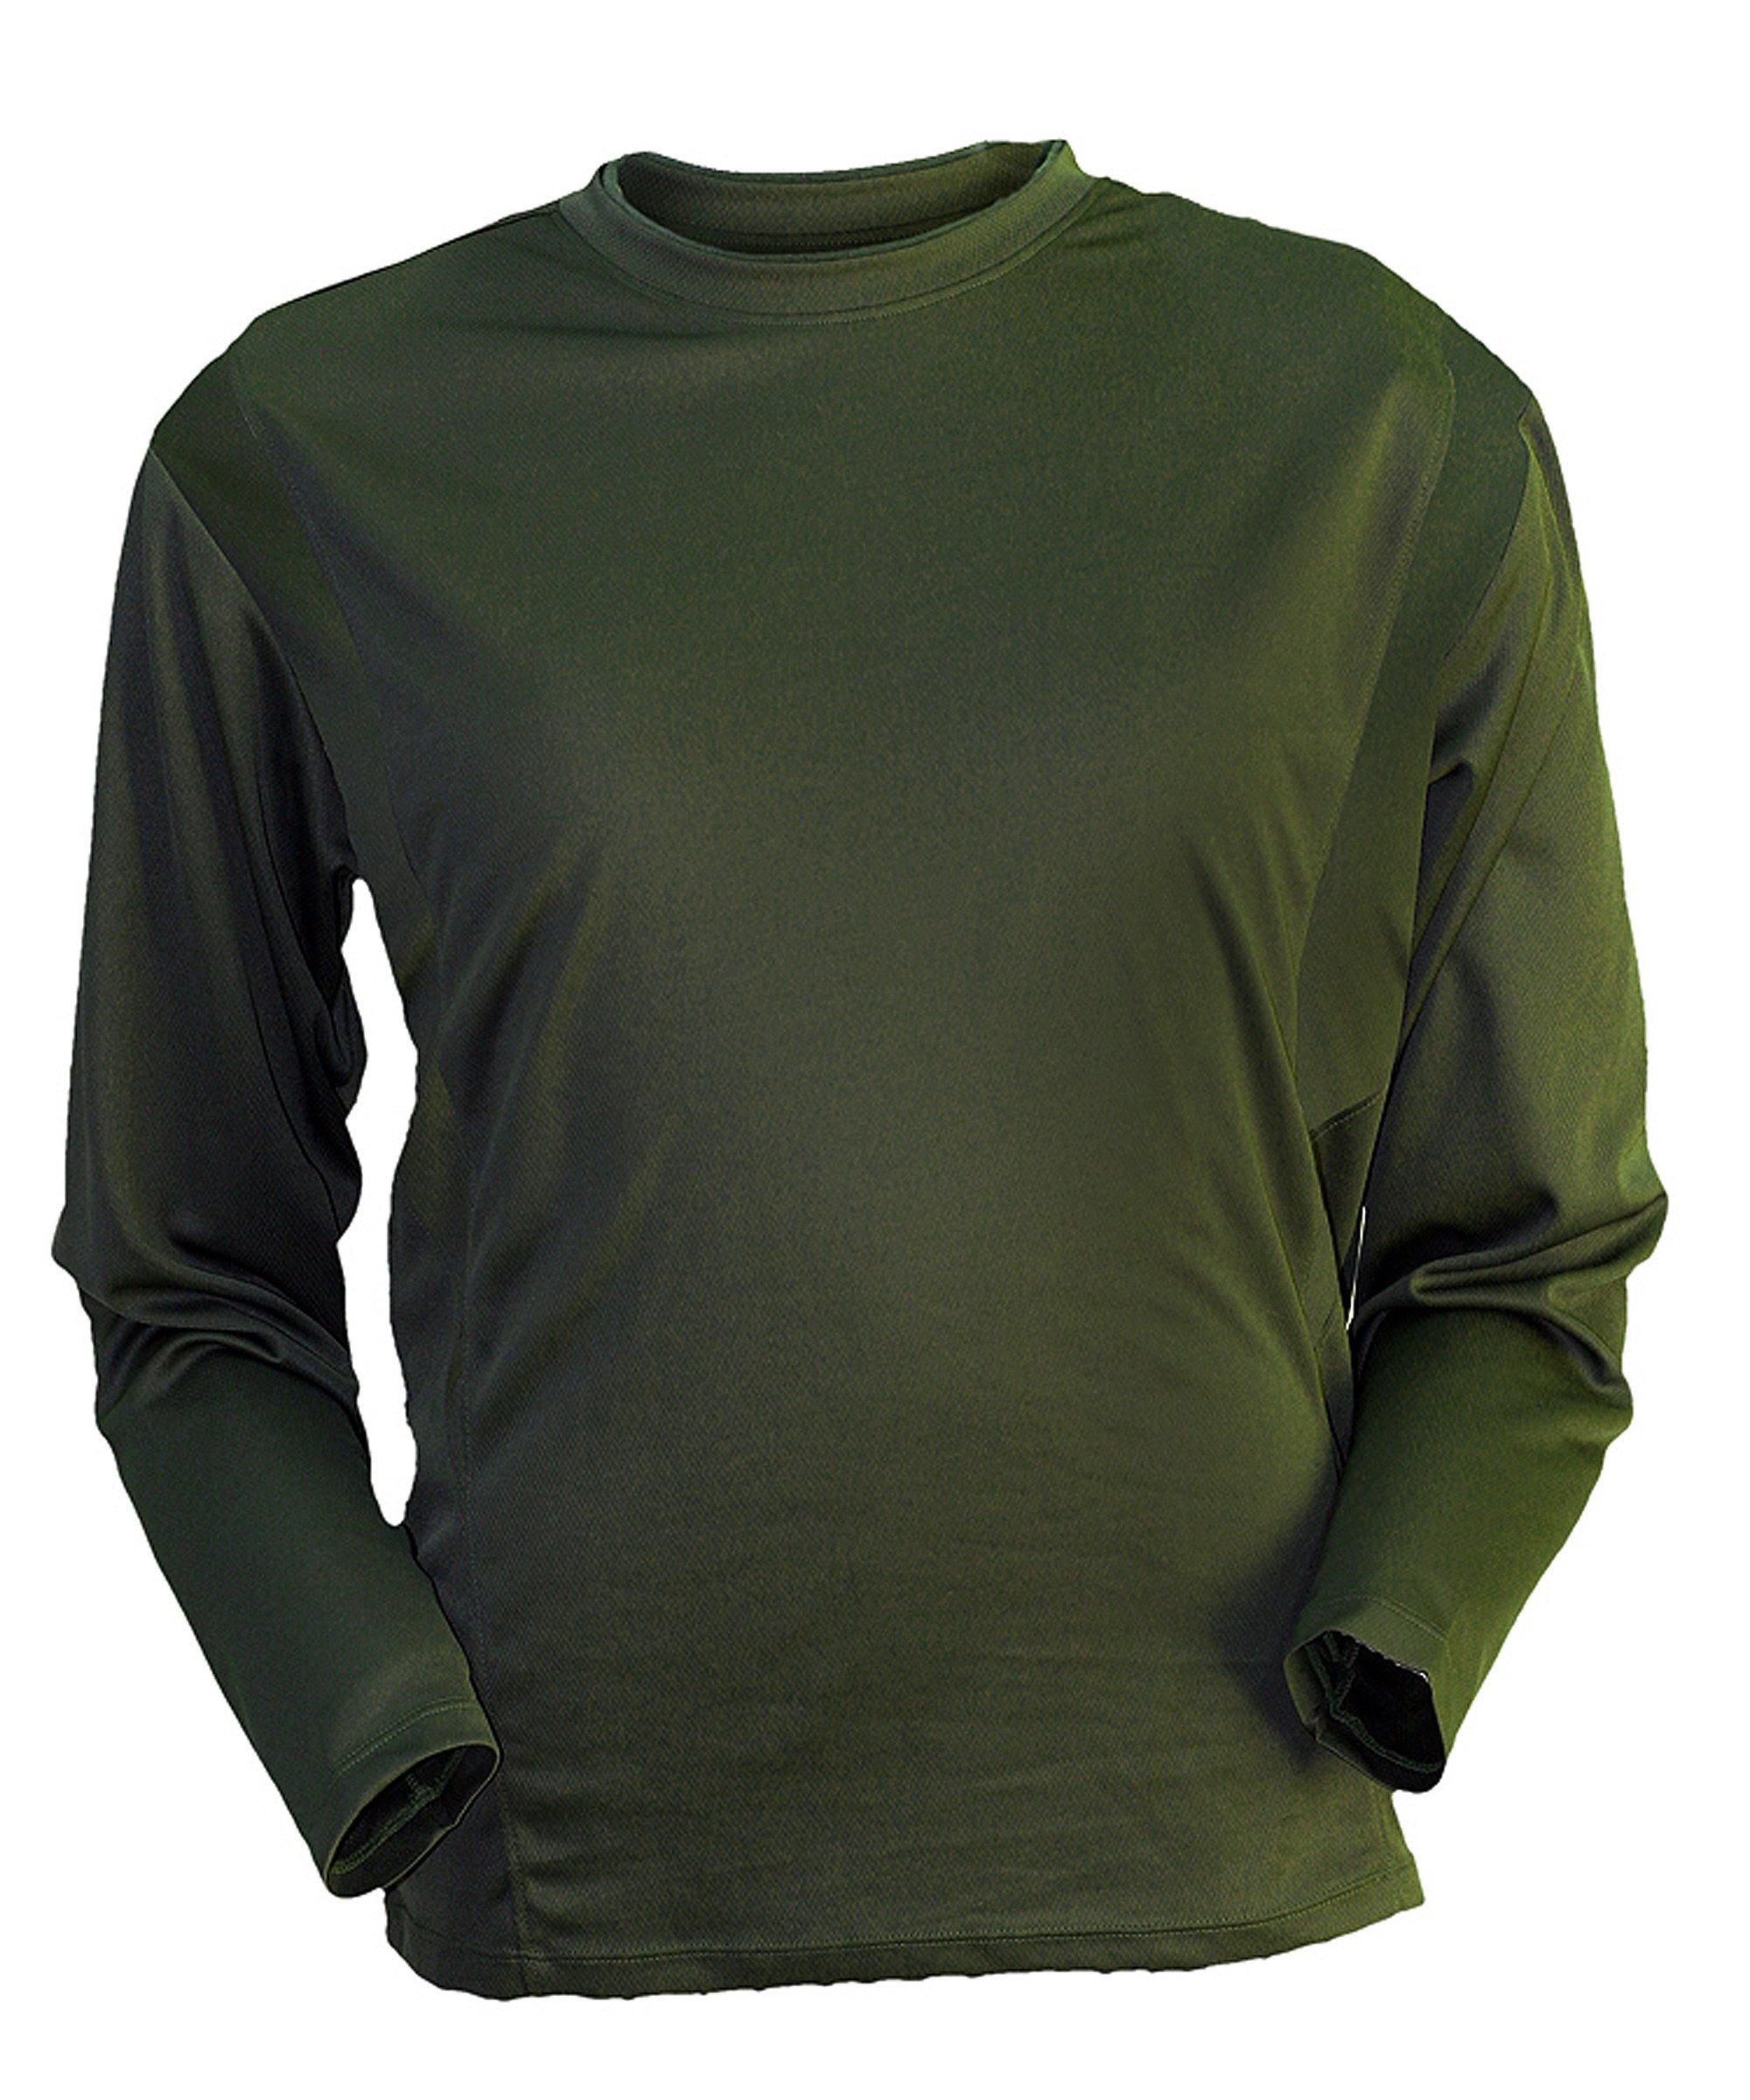 Gamehide ElimiTick Long Sleeve Tech Shirt Loden Green, Size-XL by Gamehide